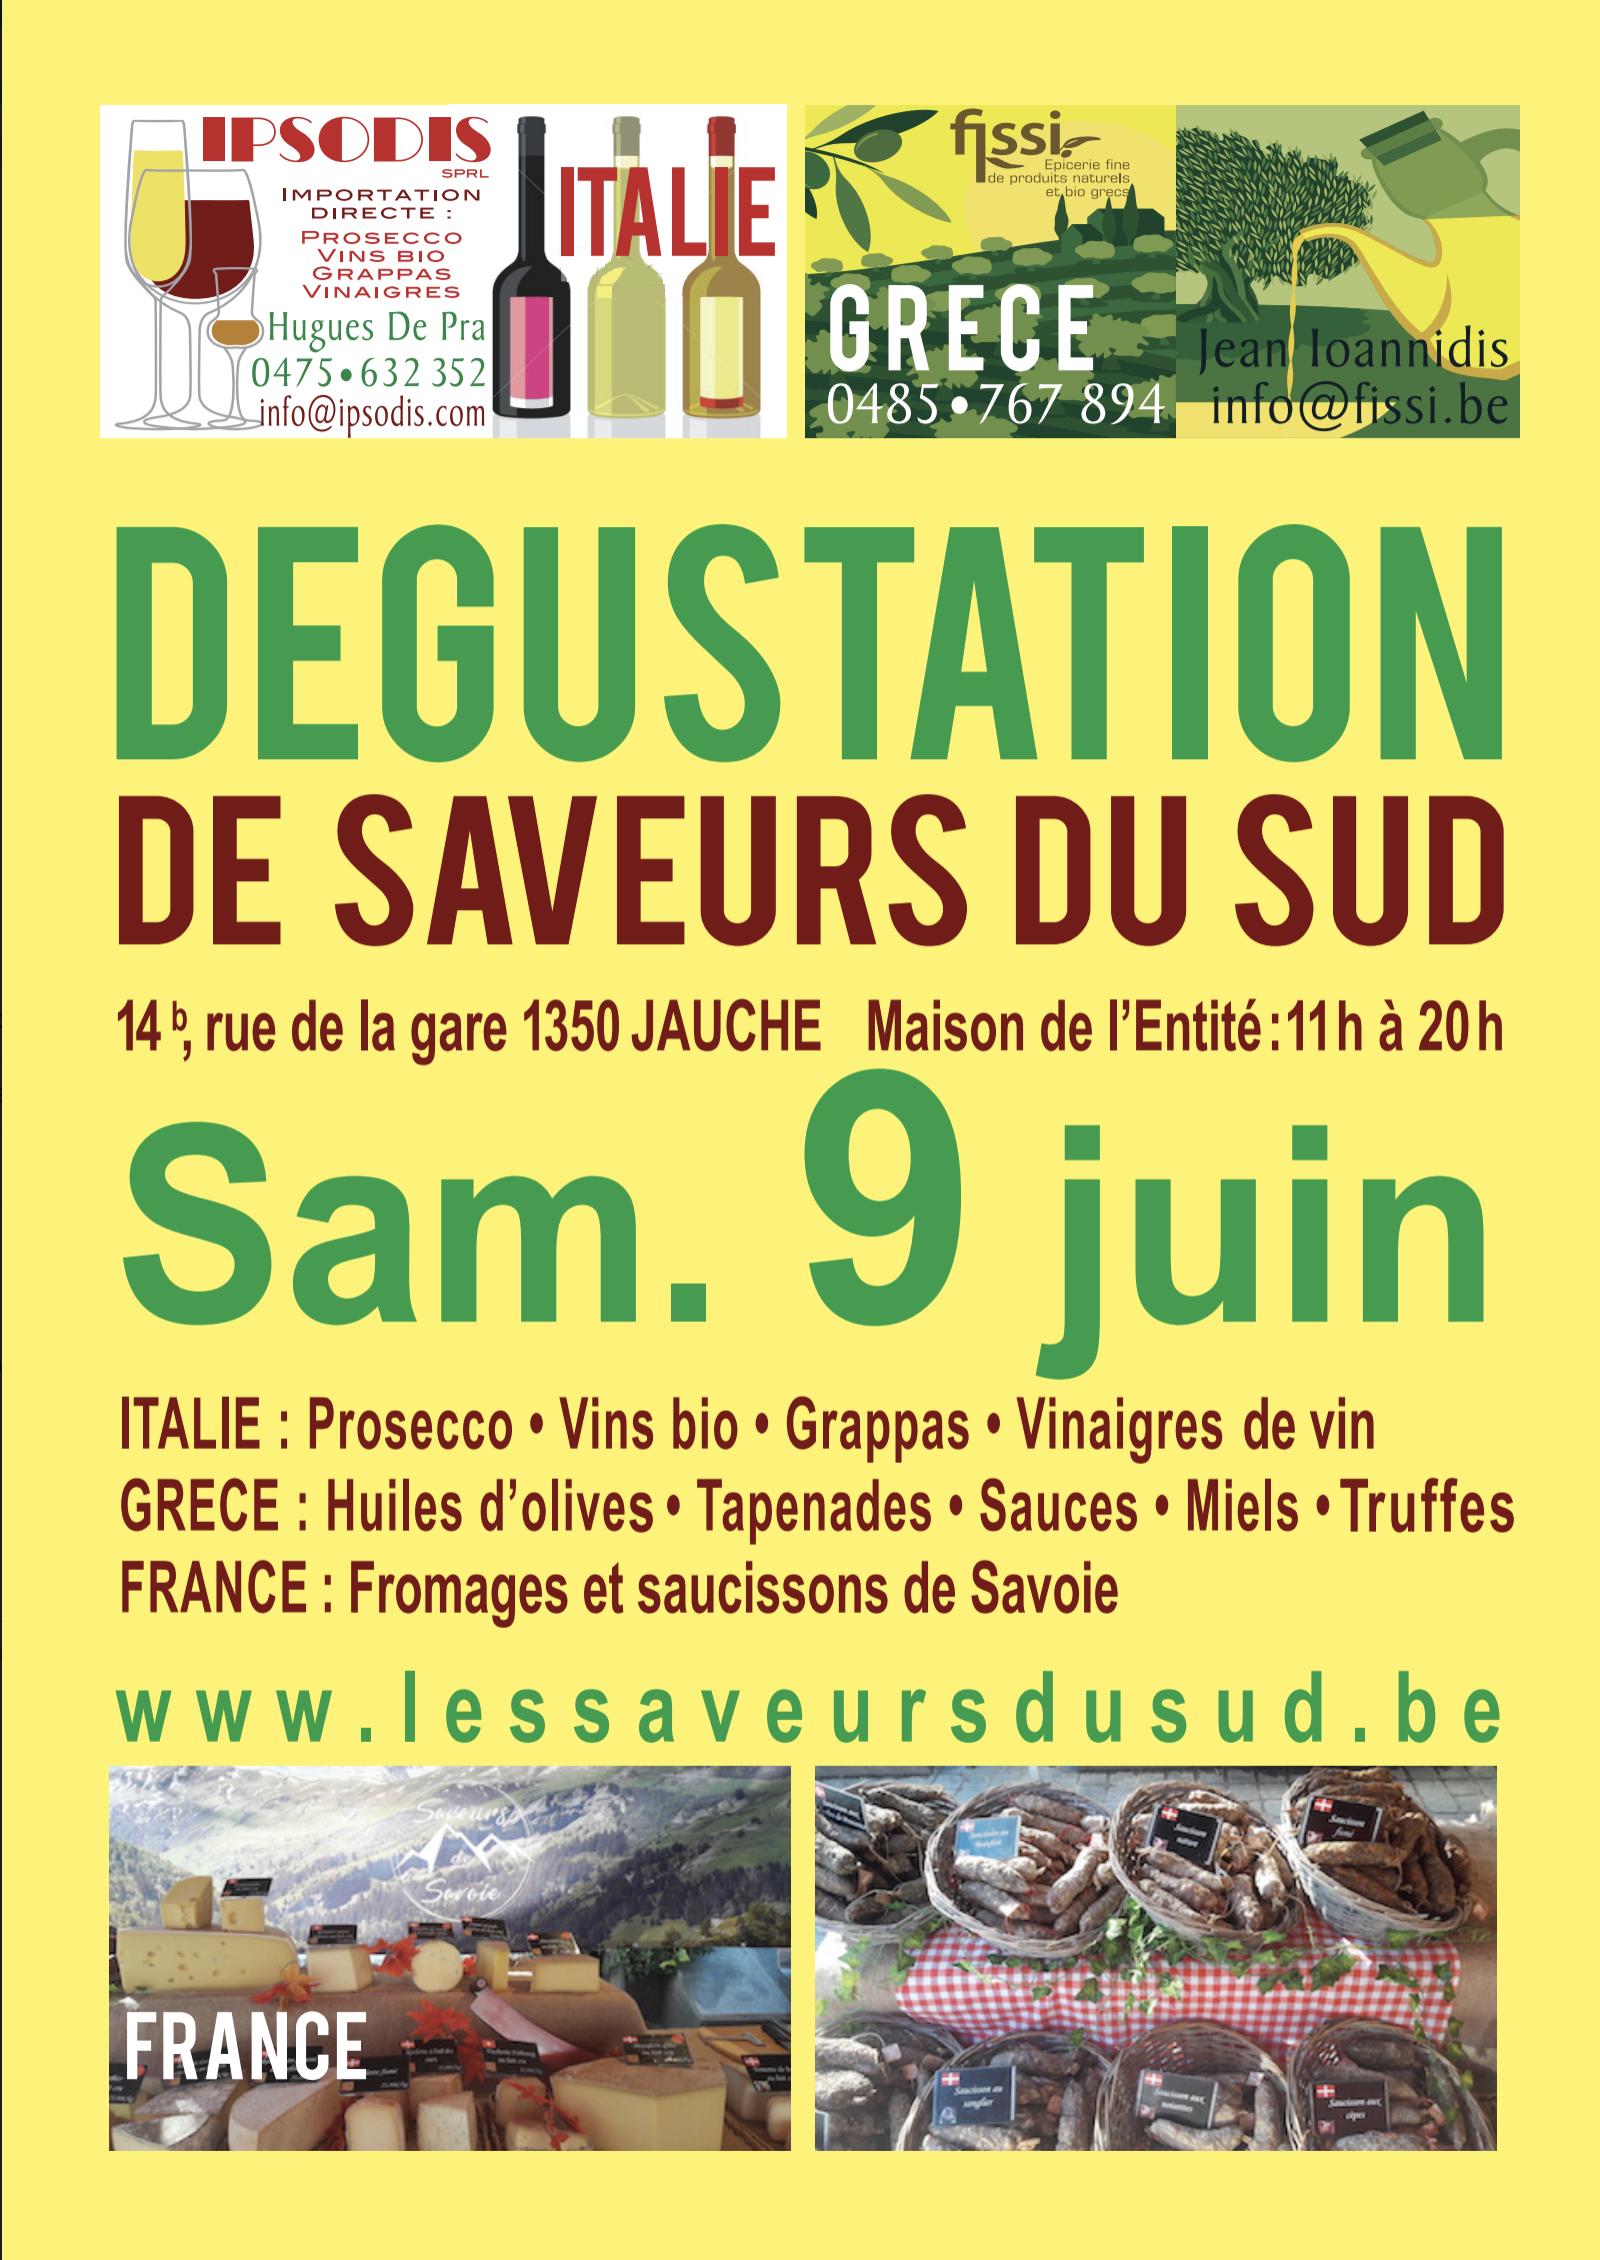 Les Saveurs du Sud à Jauche, le samedi 9 juin 2018  - vins et produits de terroir - Italie, Grèce, France